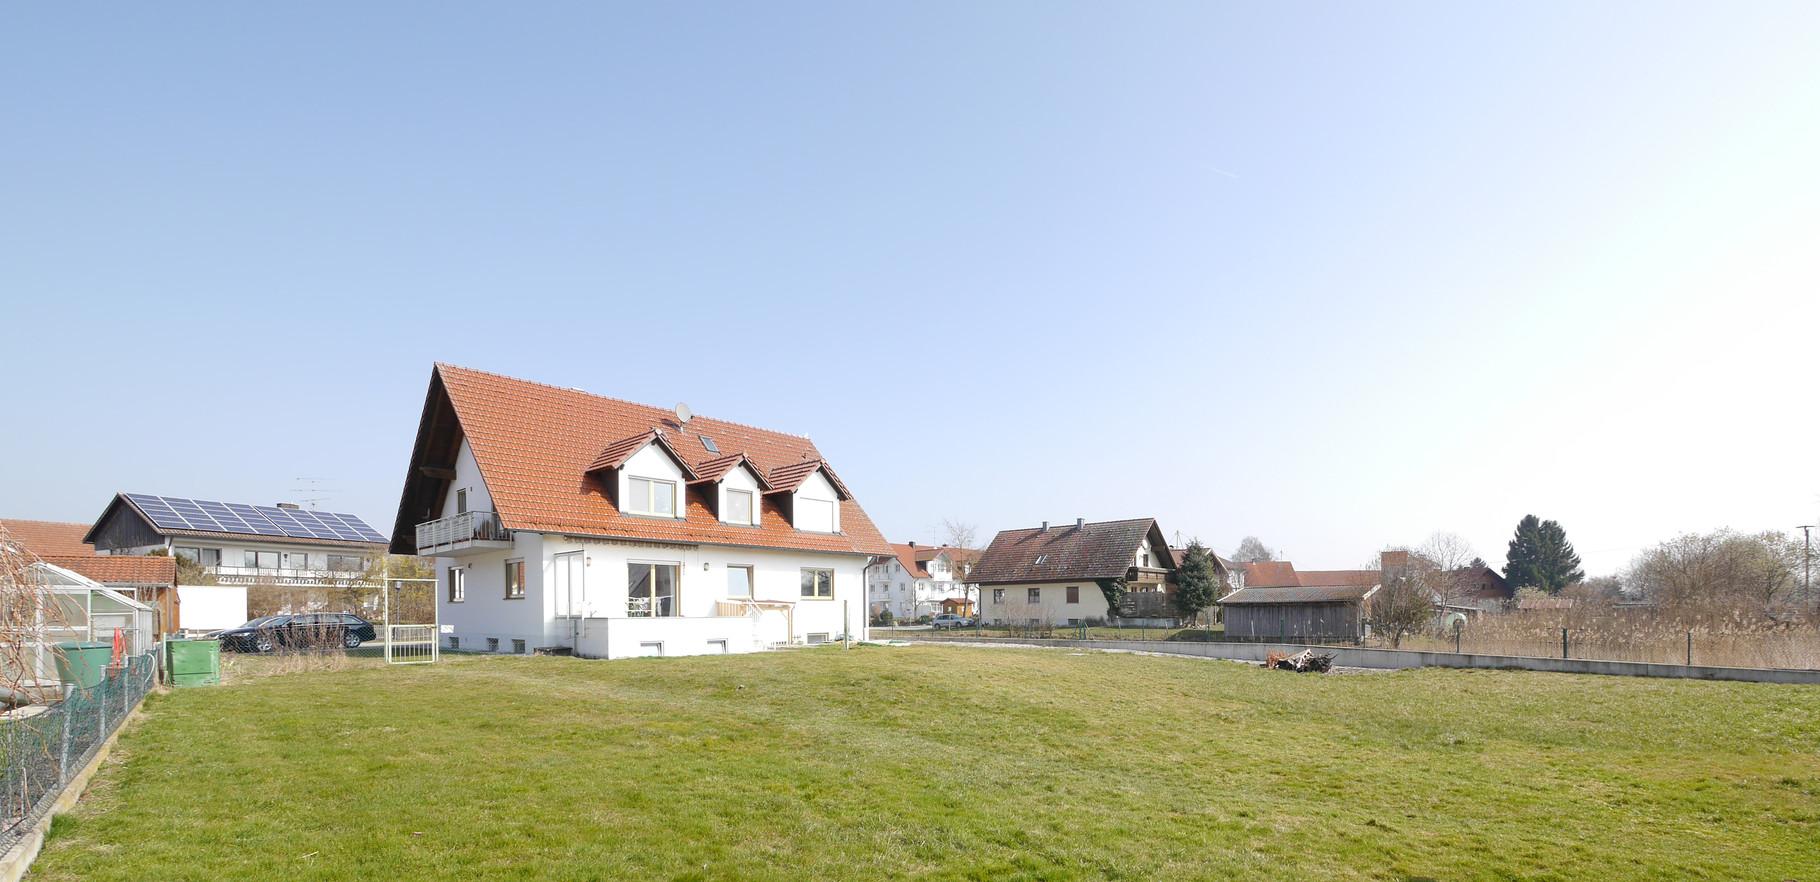 4-Zimmer-Gartenwohnung mit Souterrain-Büroräumen in 85414 Kirchdorf an der Amper